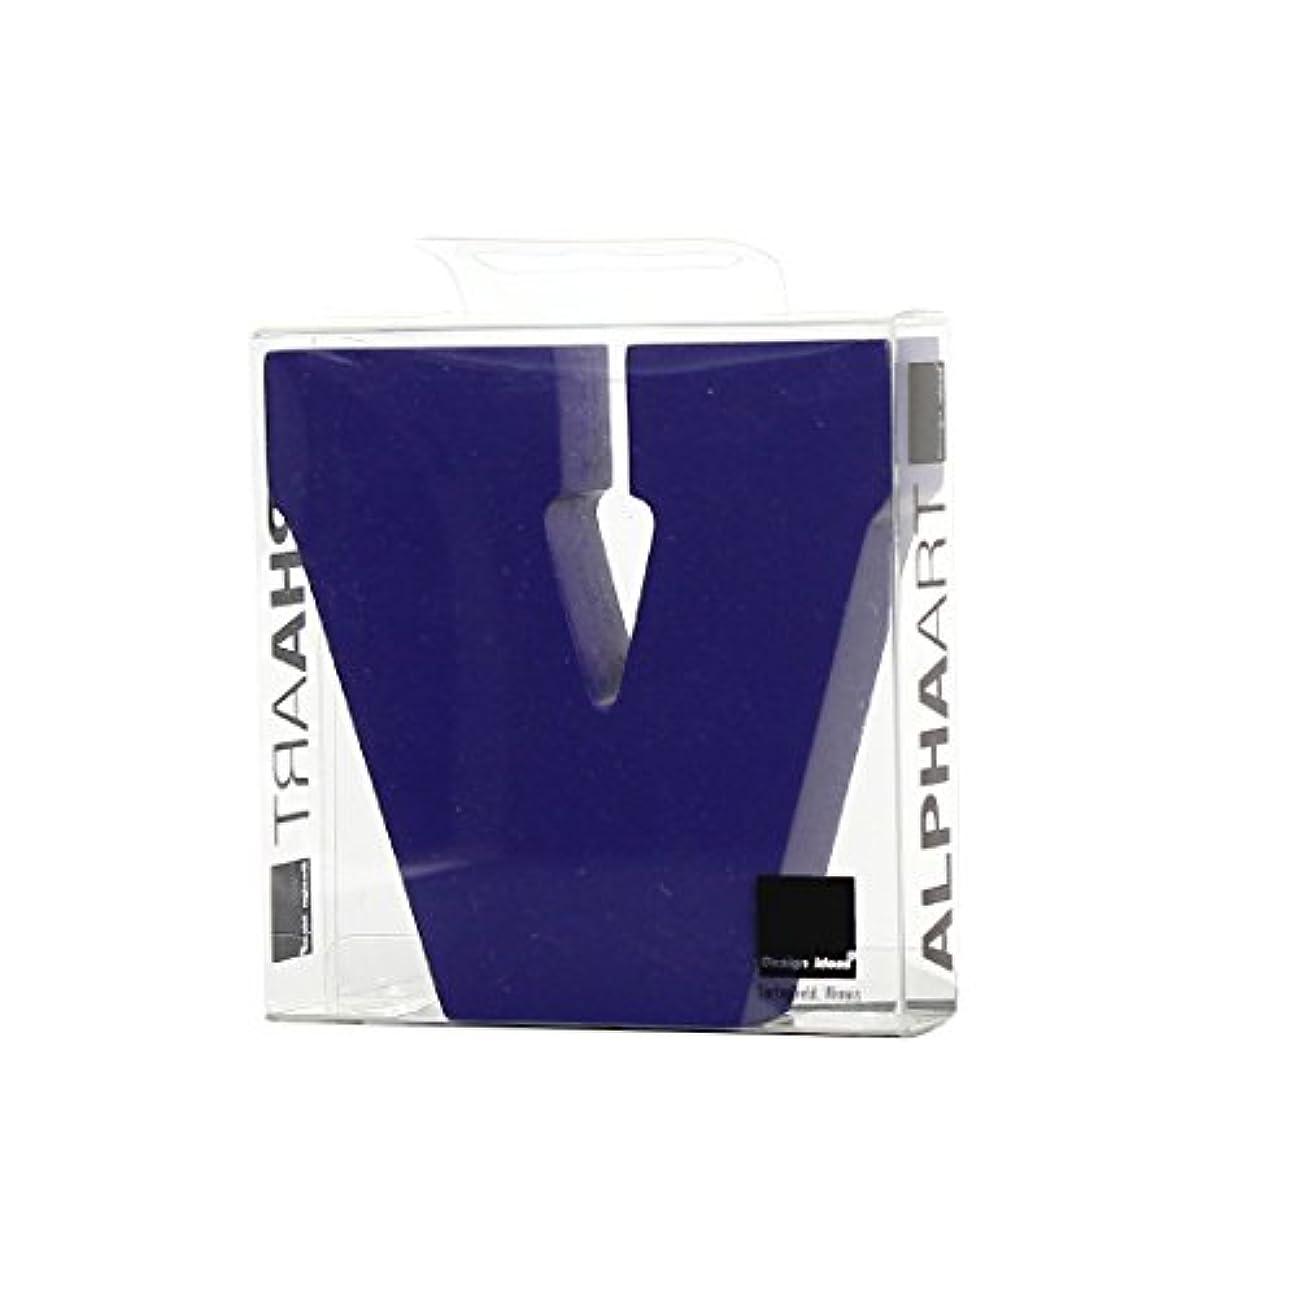 夜明け耐久保護カメヤマキャンドルハウス アルファベットブロック カラフル  アルファアートスモールv 「 パープル 」